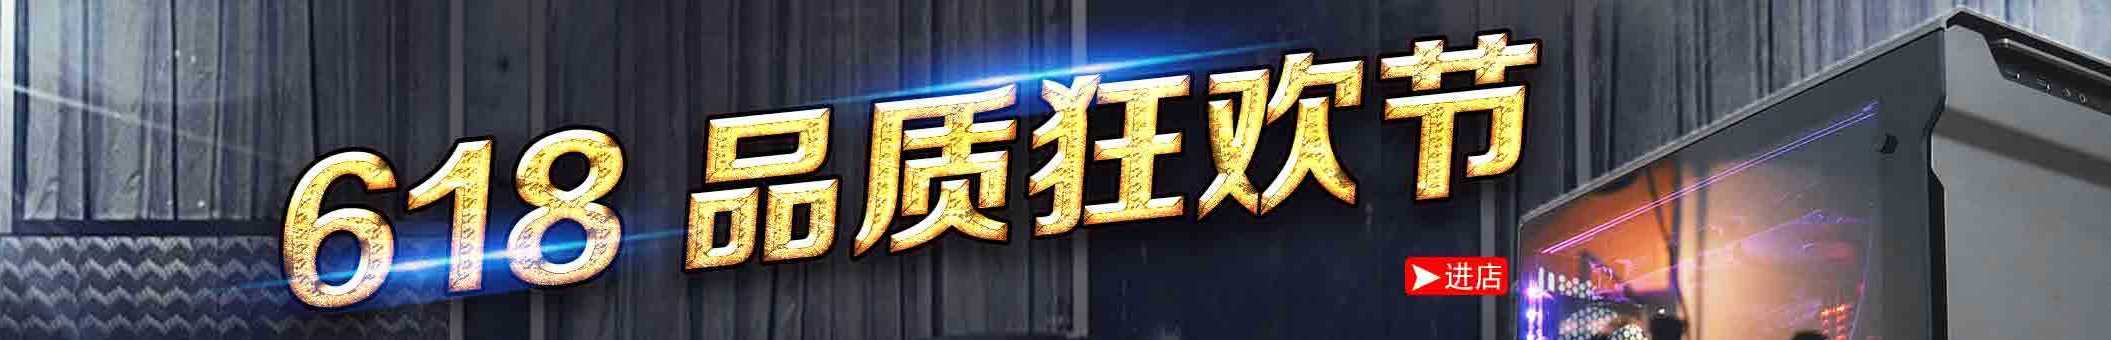 追风者Phanteks banner